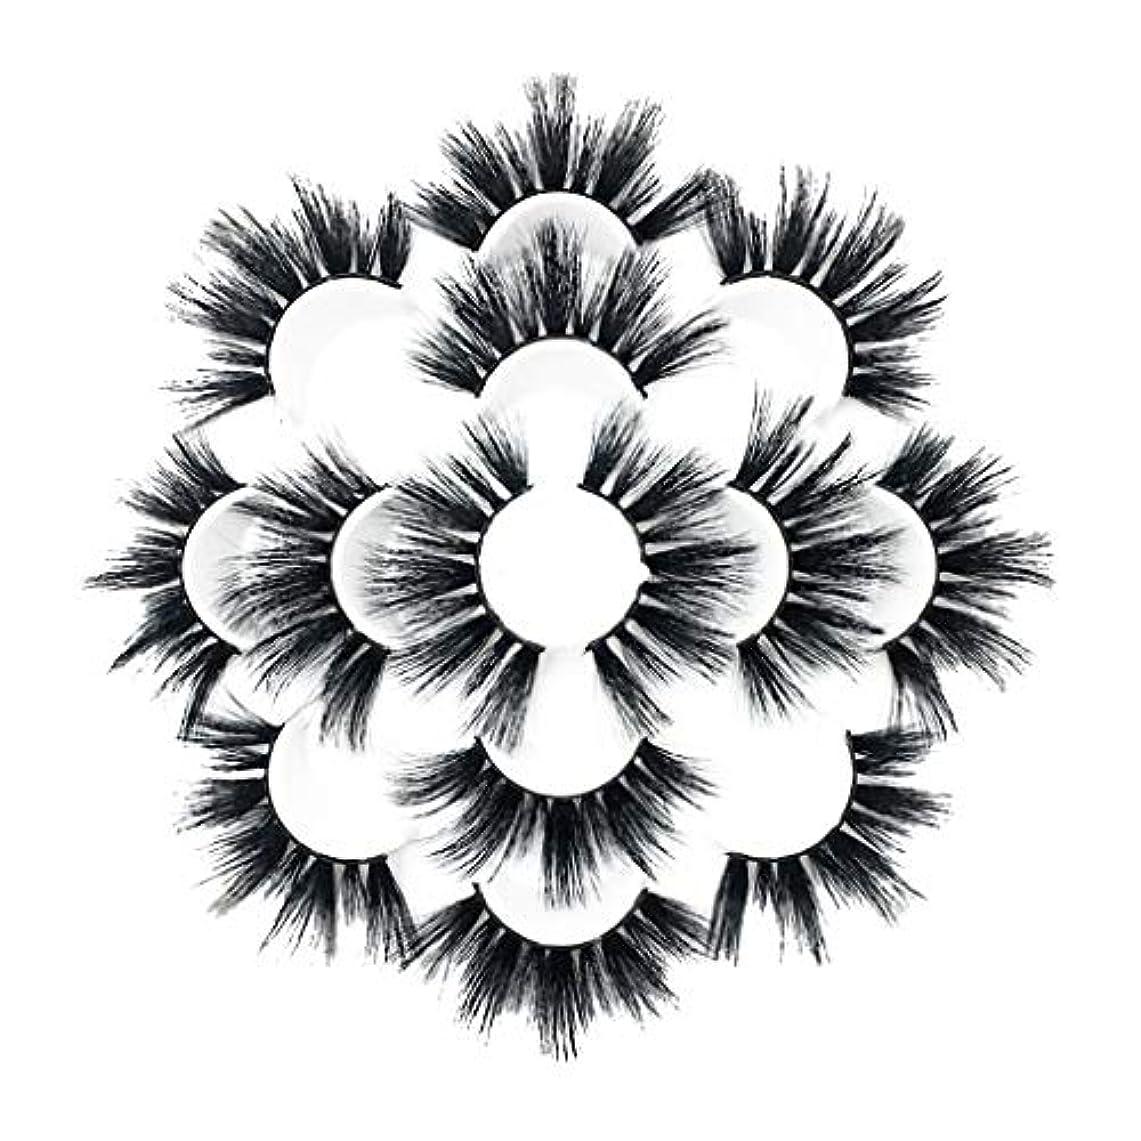 ポータルビルマ広大な7ペアラグジュアリー8D Falseまつげふわふわストリップまつげロングナチュラルパーティー